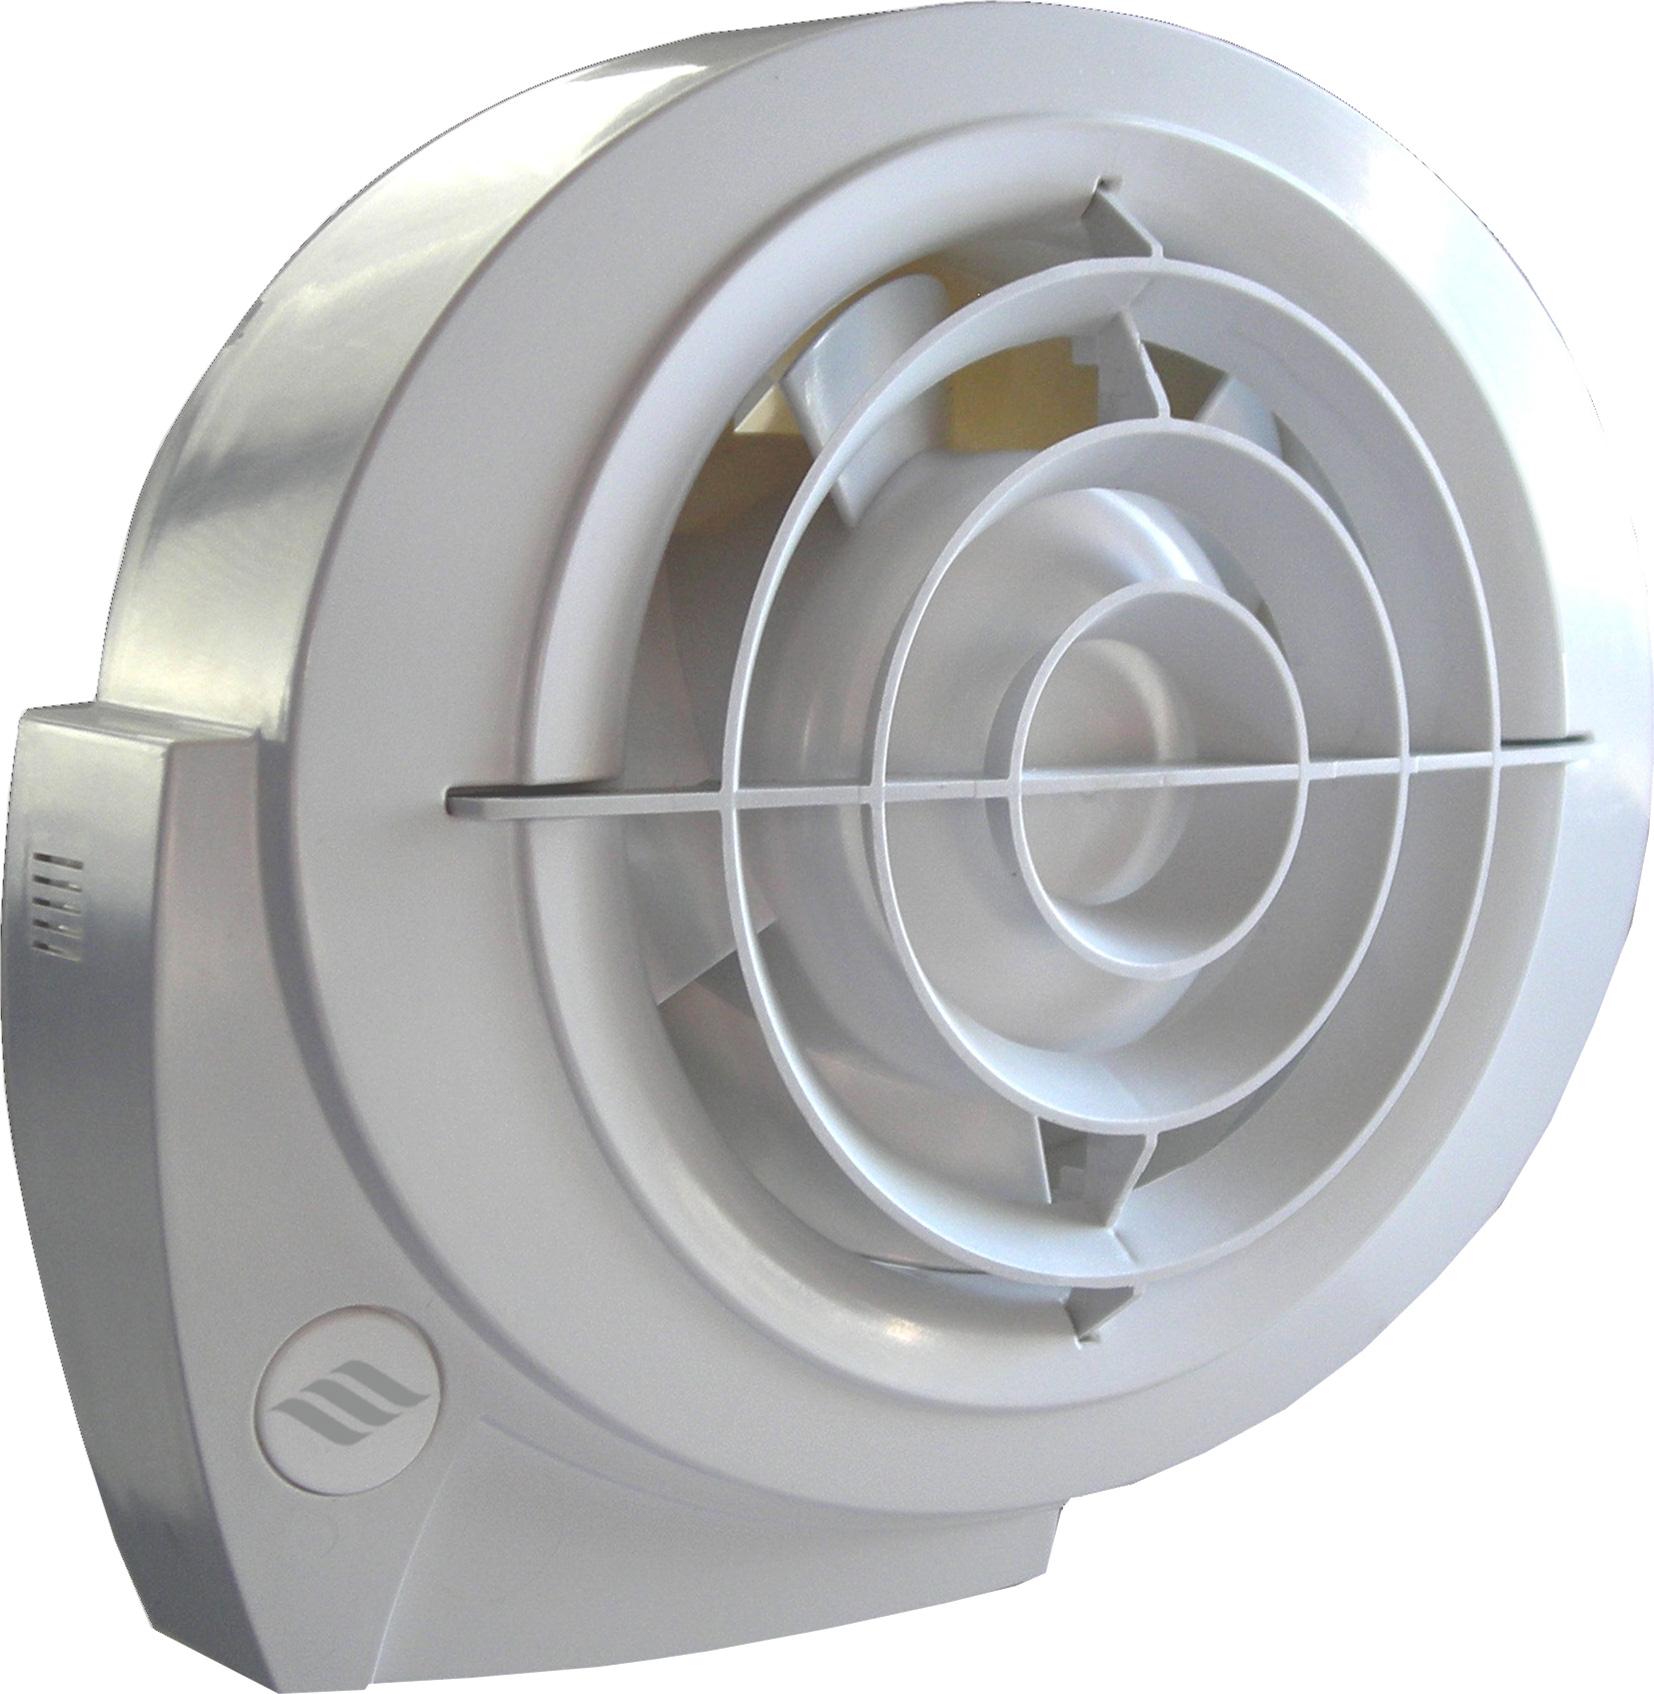 https://www.uw-woonmagazine.nl/uploads/website/UW_badkamer_nieuws/Itho_Daalderop/Itho_Daalderop_badkamer_ventilator_GRTH_HR_380-1400_BTV_performa.jpg